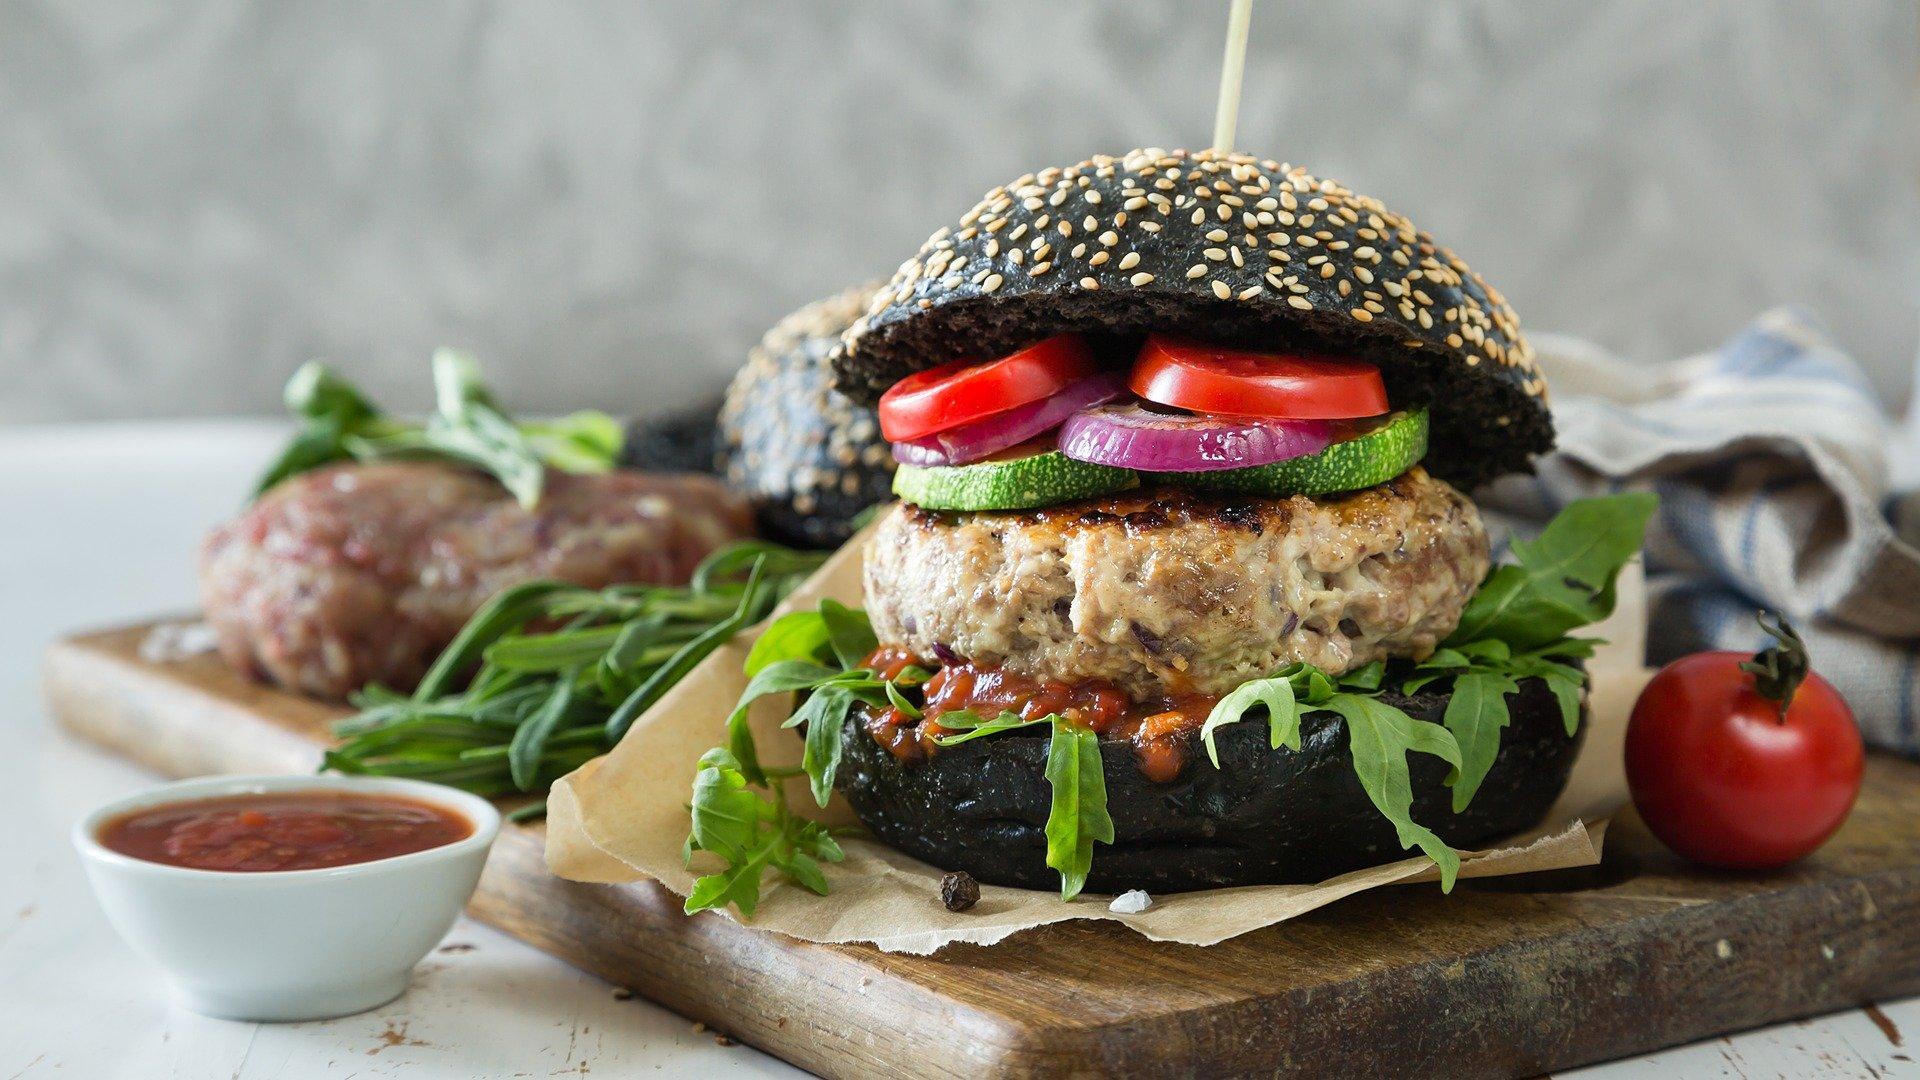 Go veg: dalla bistecca alla scarola, la svolta dei nuovi consumatori